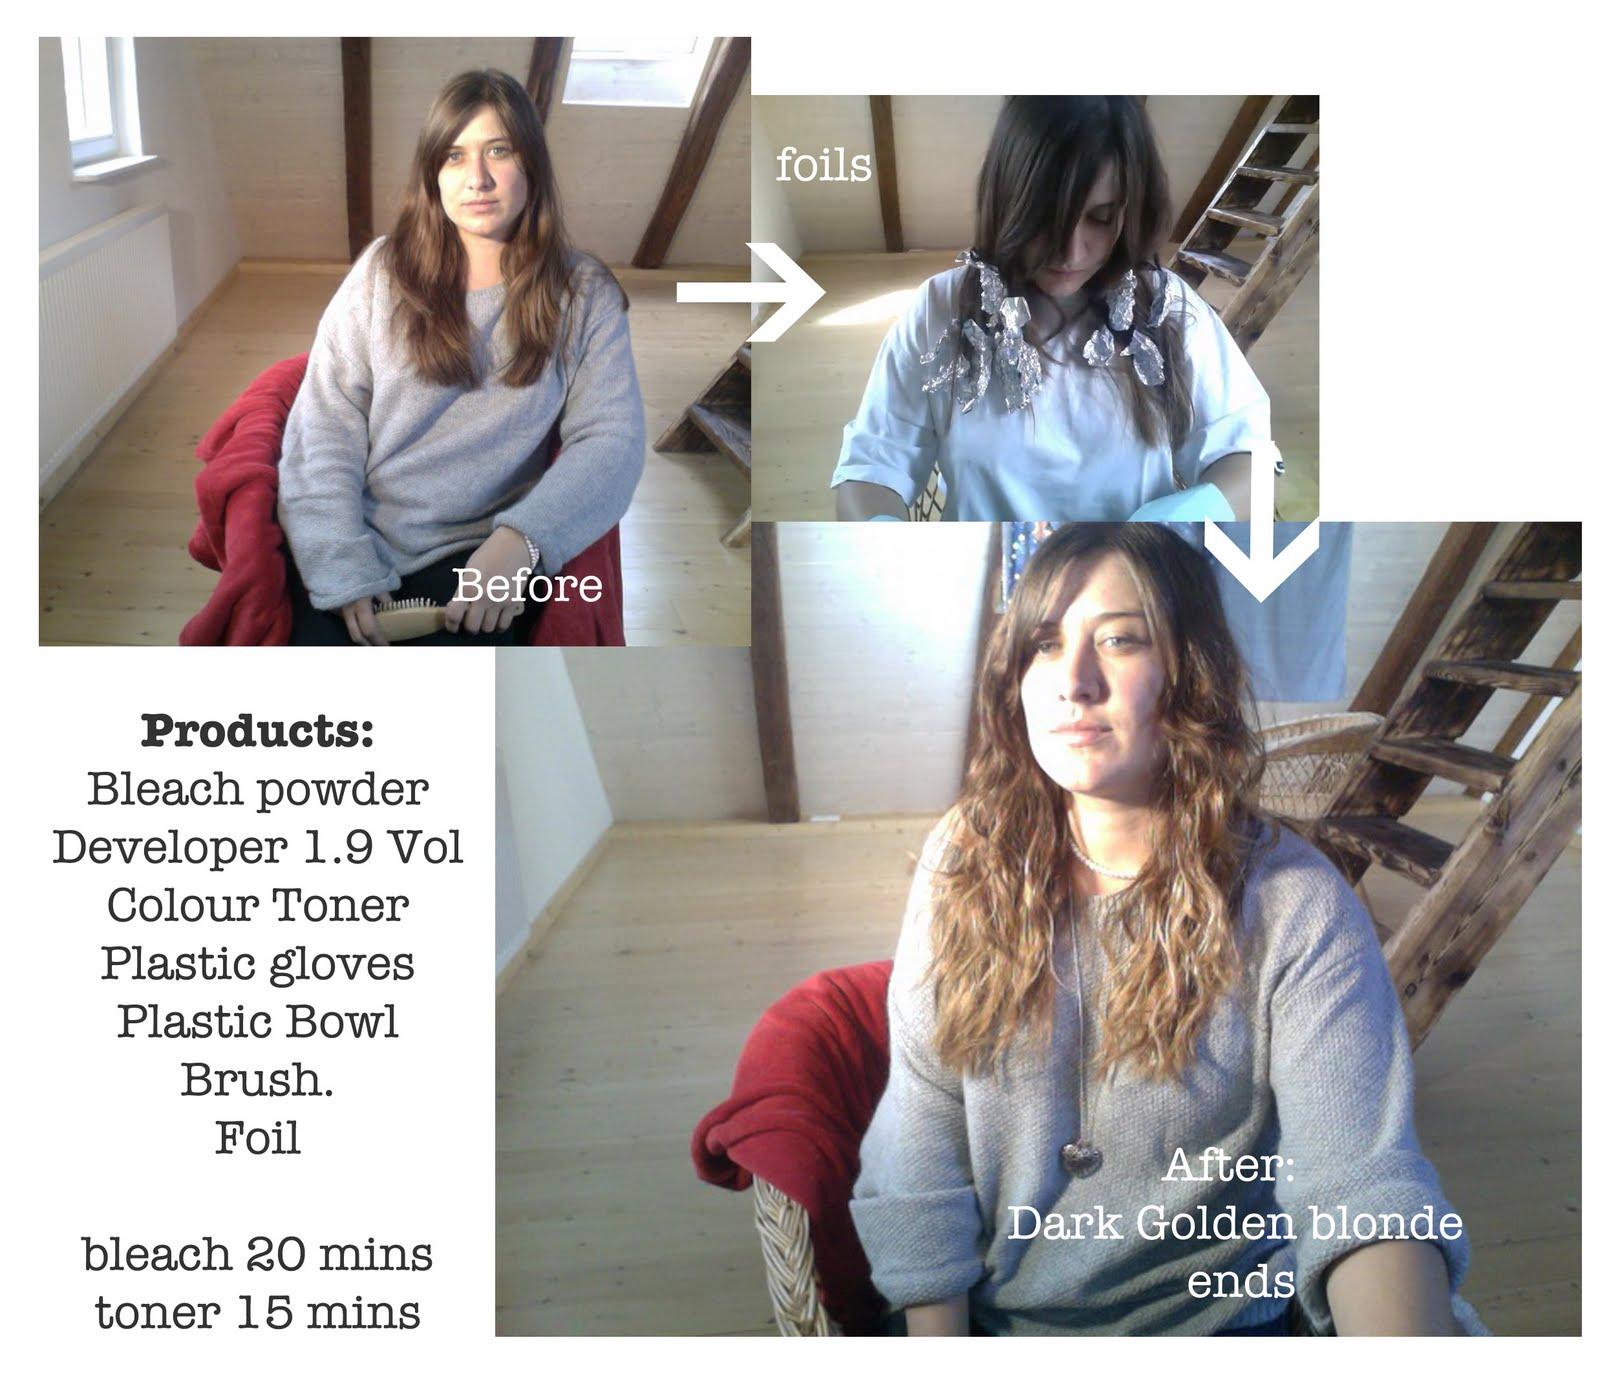 http://1.bp.blogspot.com/-fixucZBKLvc/TmHVyFM6sxI/AAAAAAAAAkw/SV_c_bv7BsU/s1600/foils.jpg